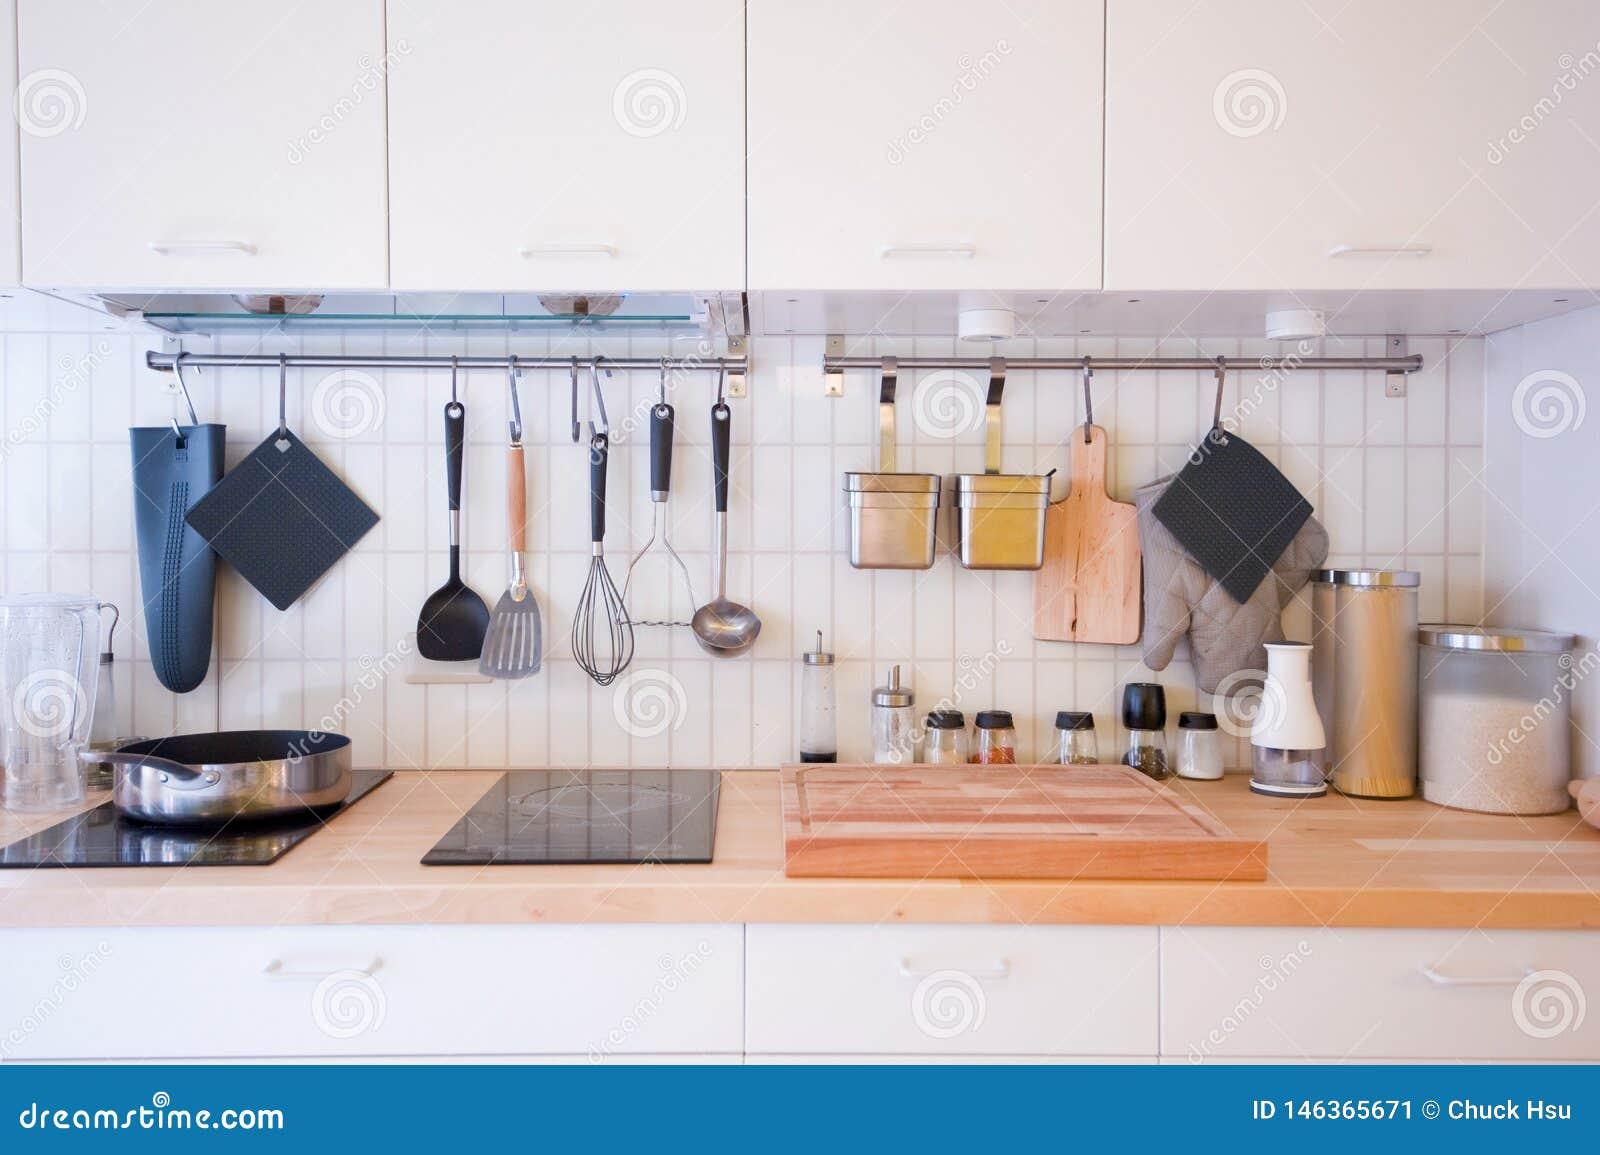 Un Grand Choix De Couverts Dans La Cuisine Image stock - Image du